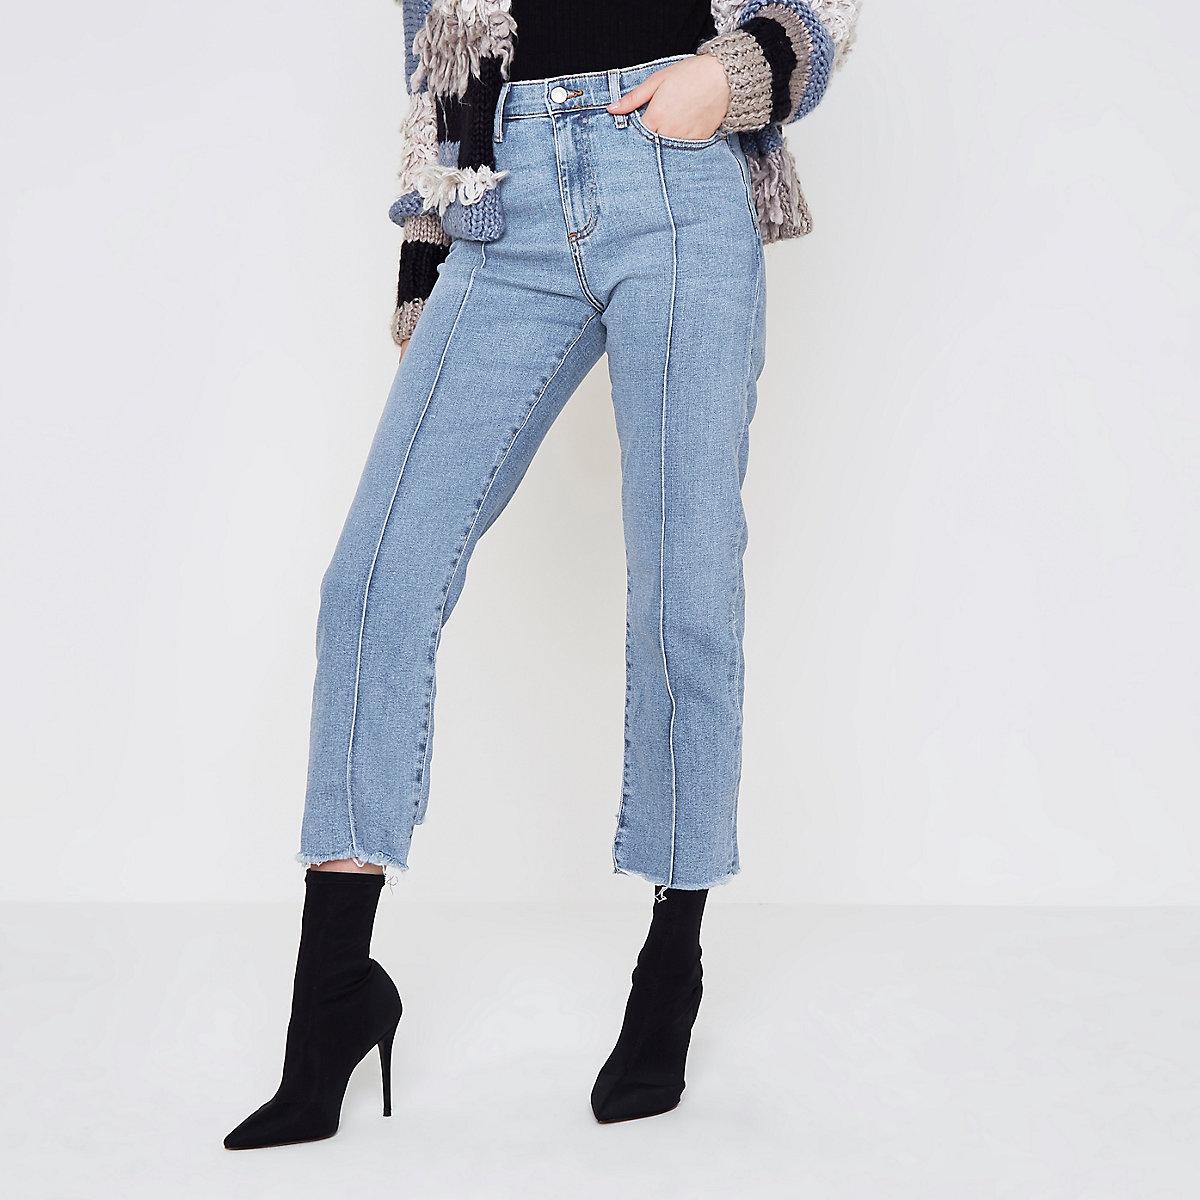 Bella - Middenblauwe jeans met onafgewerkte zoom en rechte pijpen